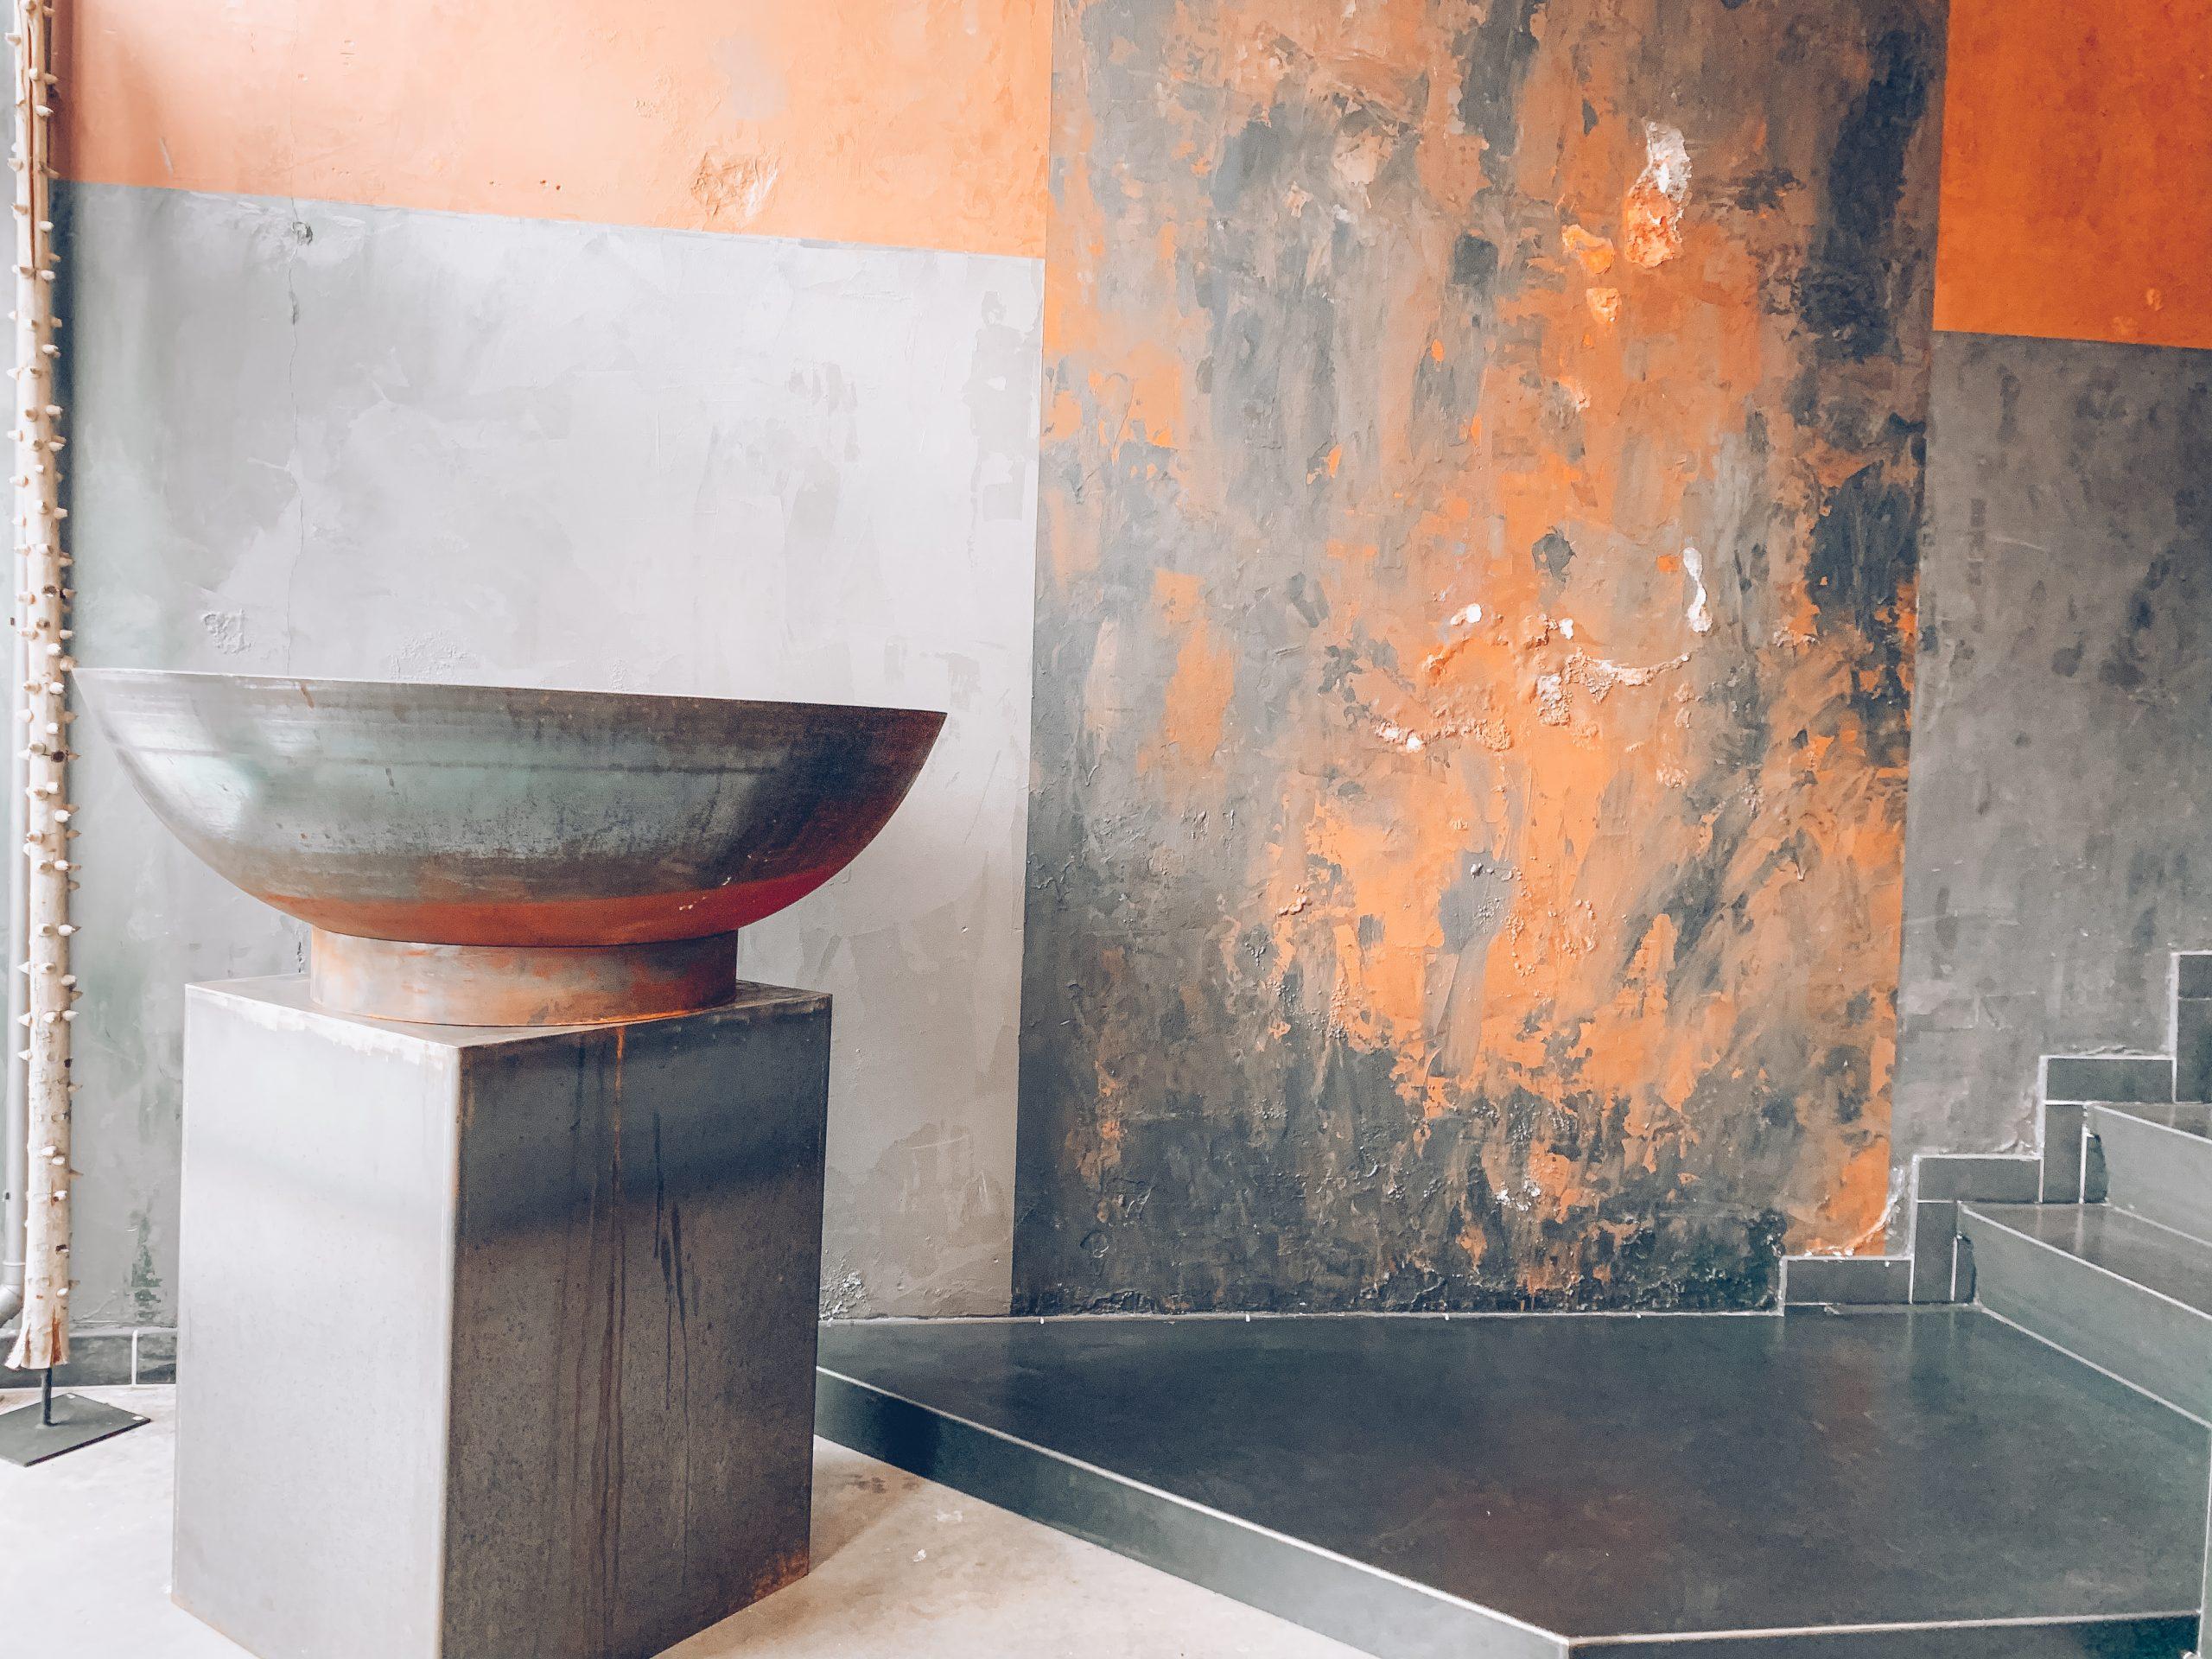 Decoration luxueuse, déco chic, magasin de décoration belgique, mur orange et noir, jn interiors, jour et nuit interiors